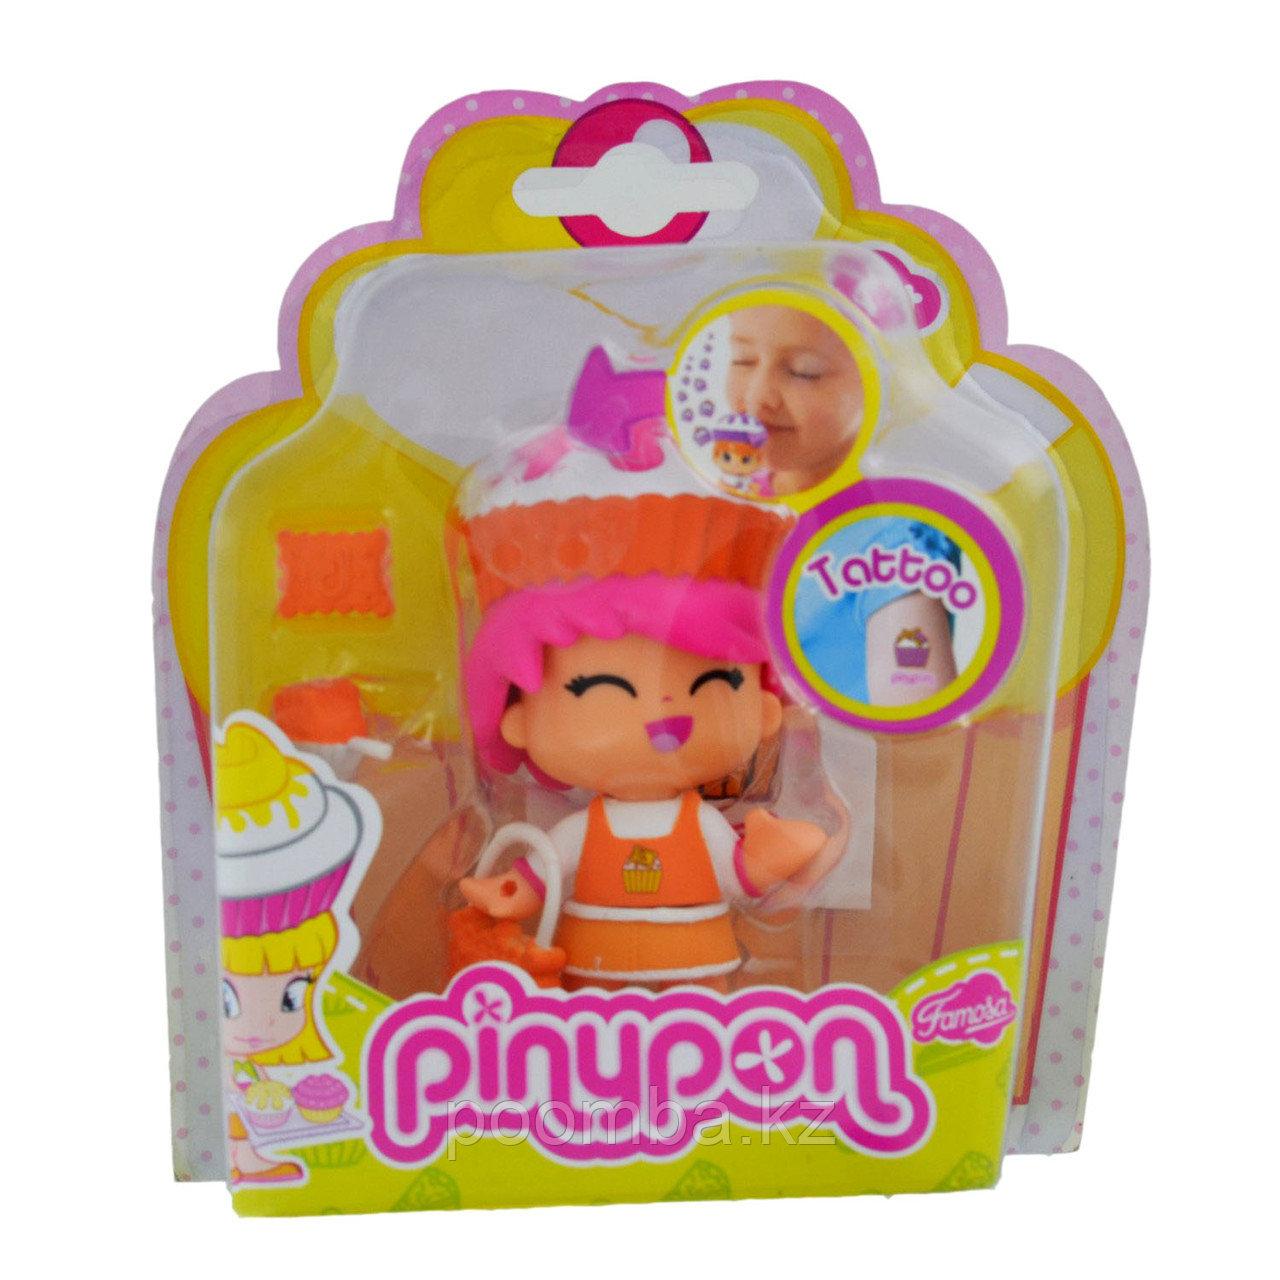 Кукла Пинипон с ароматом пирожного, короткие розовые волосы